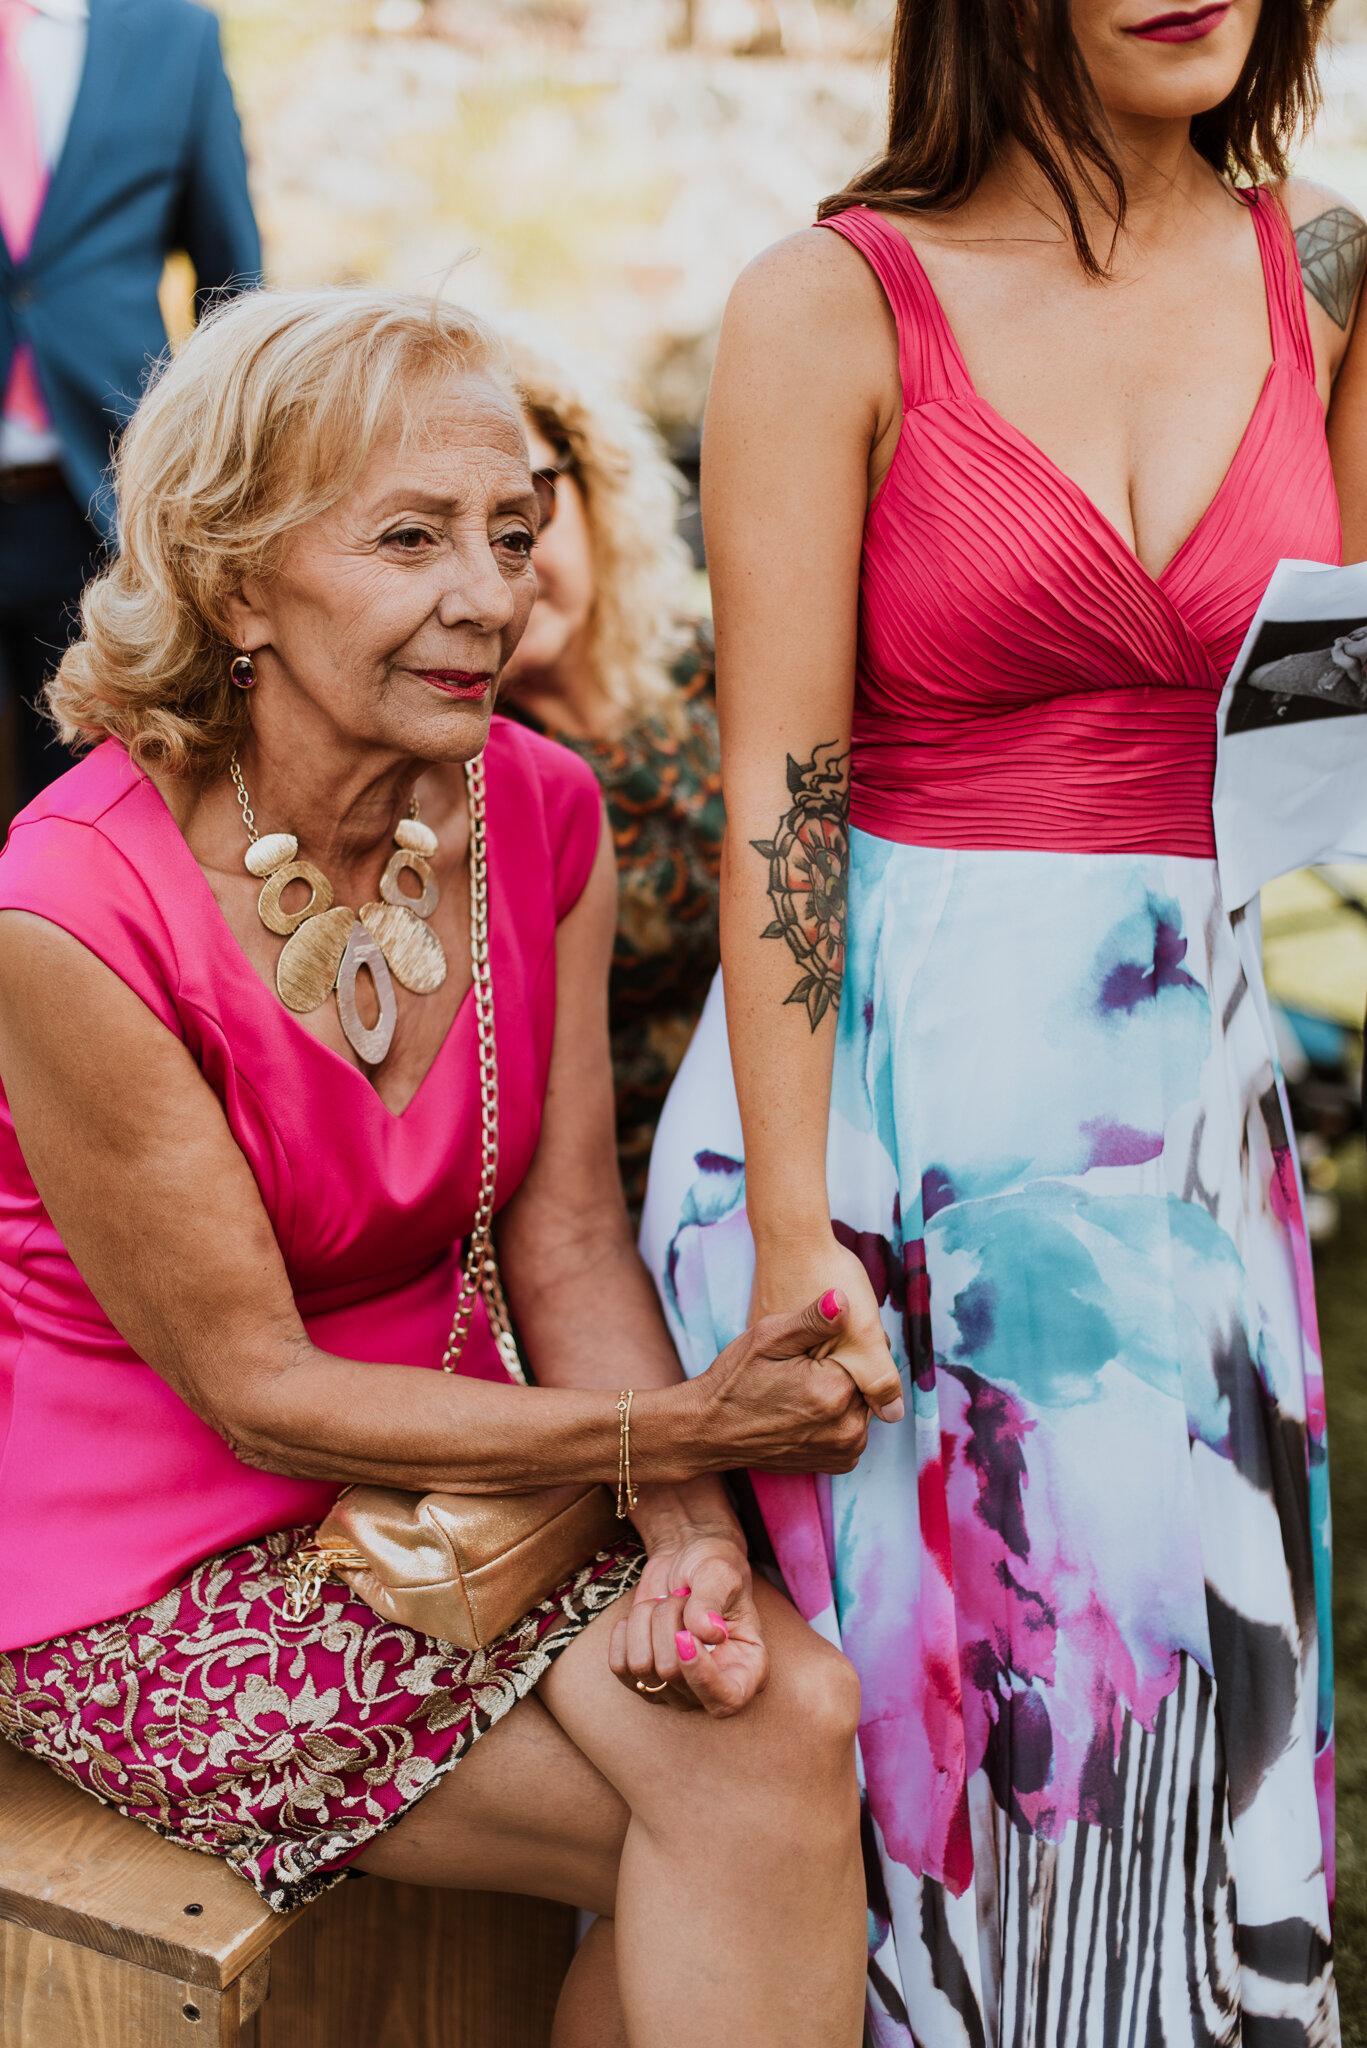 fotografo de bodas las palmas_-63.jpg